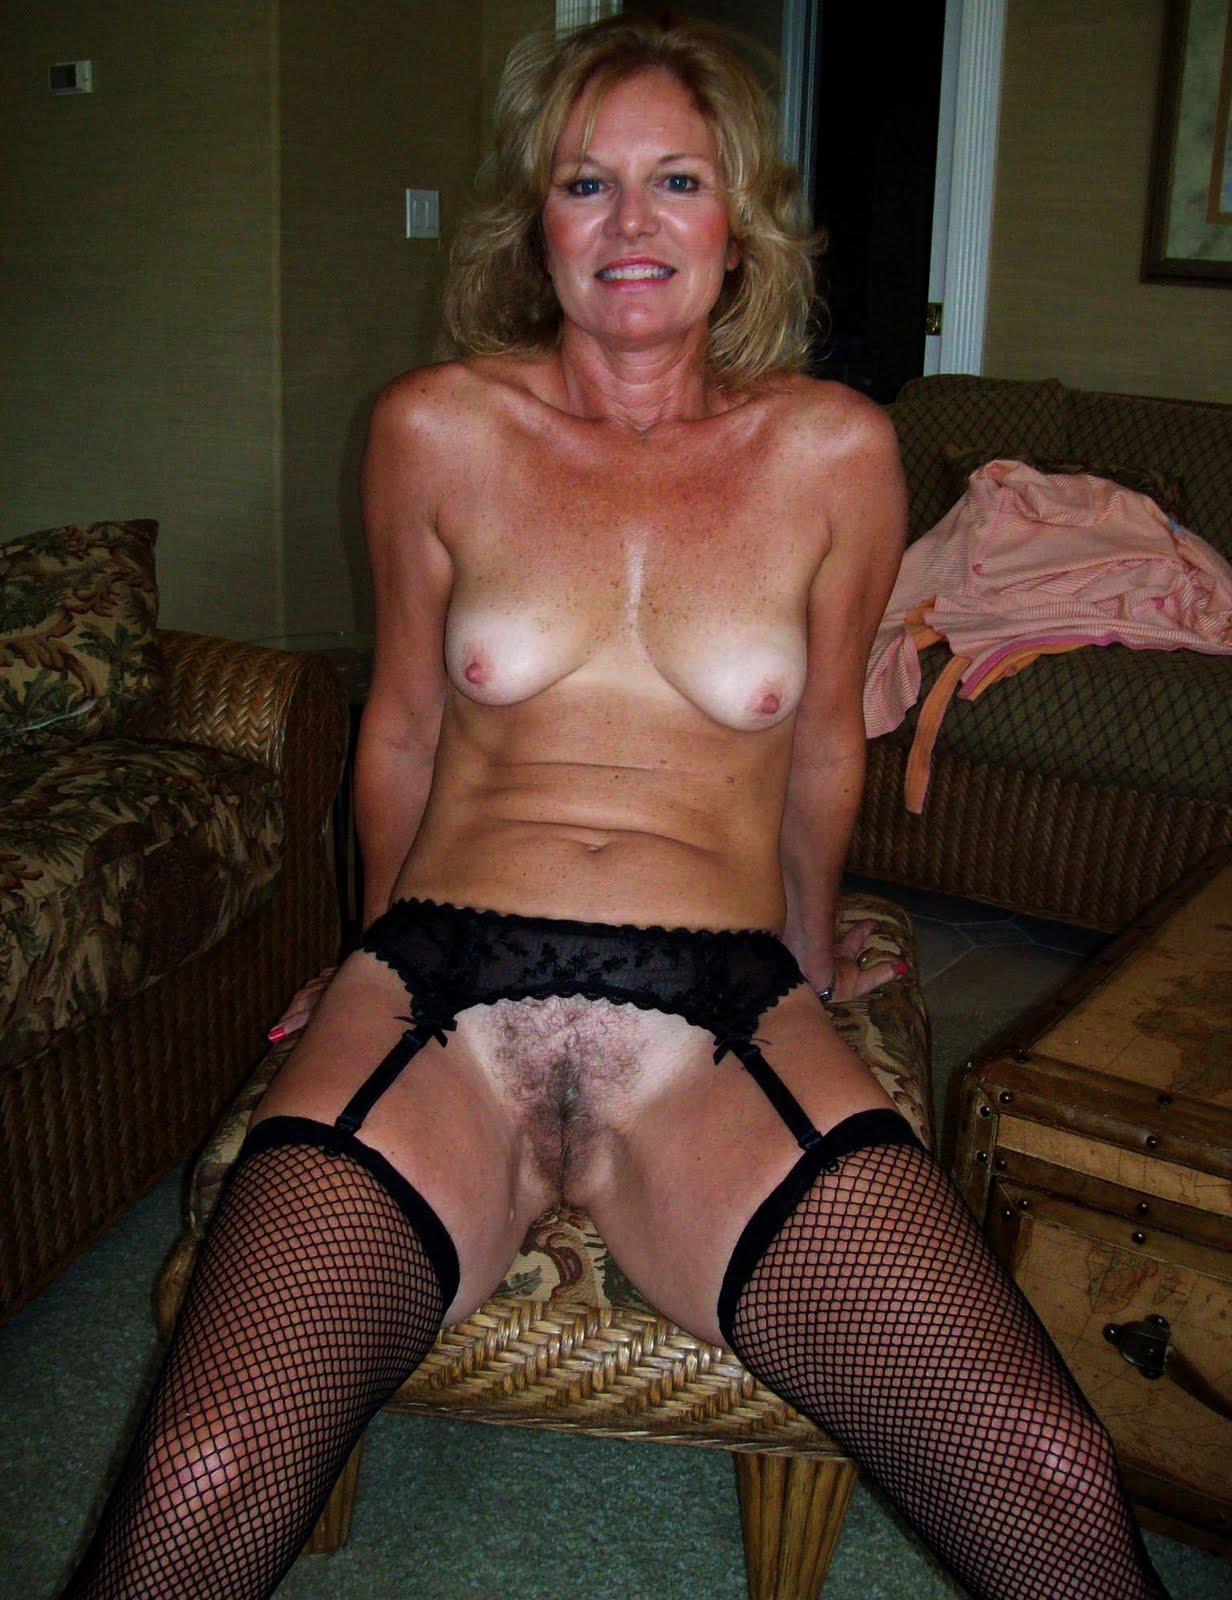 http://3.bp.blogspot.com/_UKKXGTjHJWA/TMFIldZGeXI/AAAAAAAACtI/-NTAcTTzNuo/s1600/2144920065.jpg